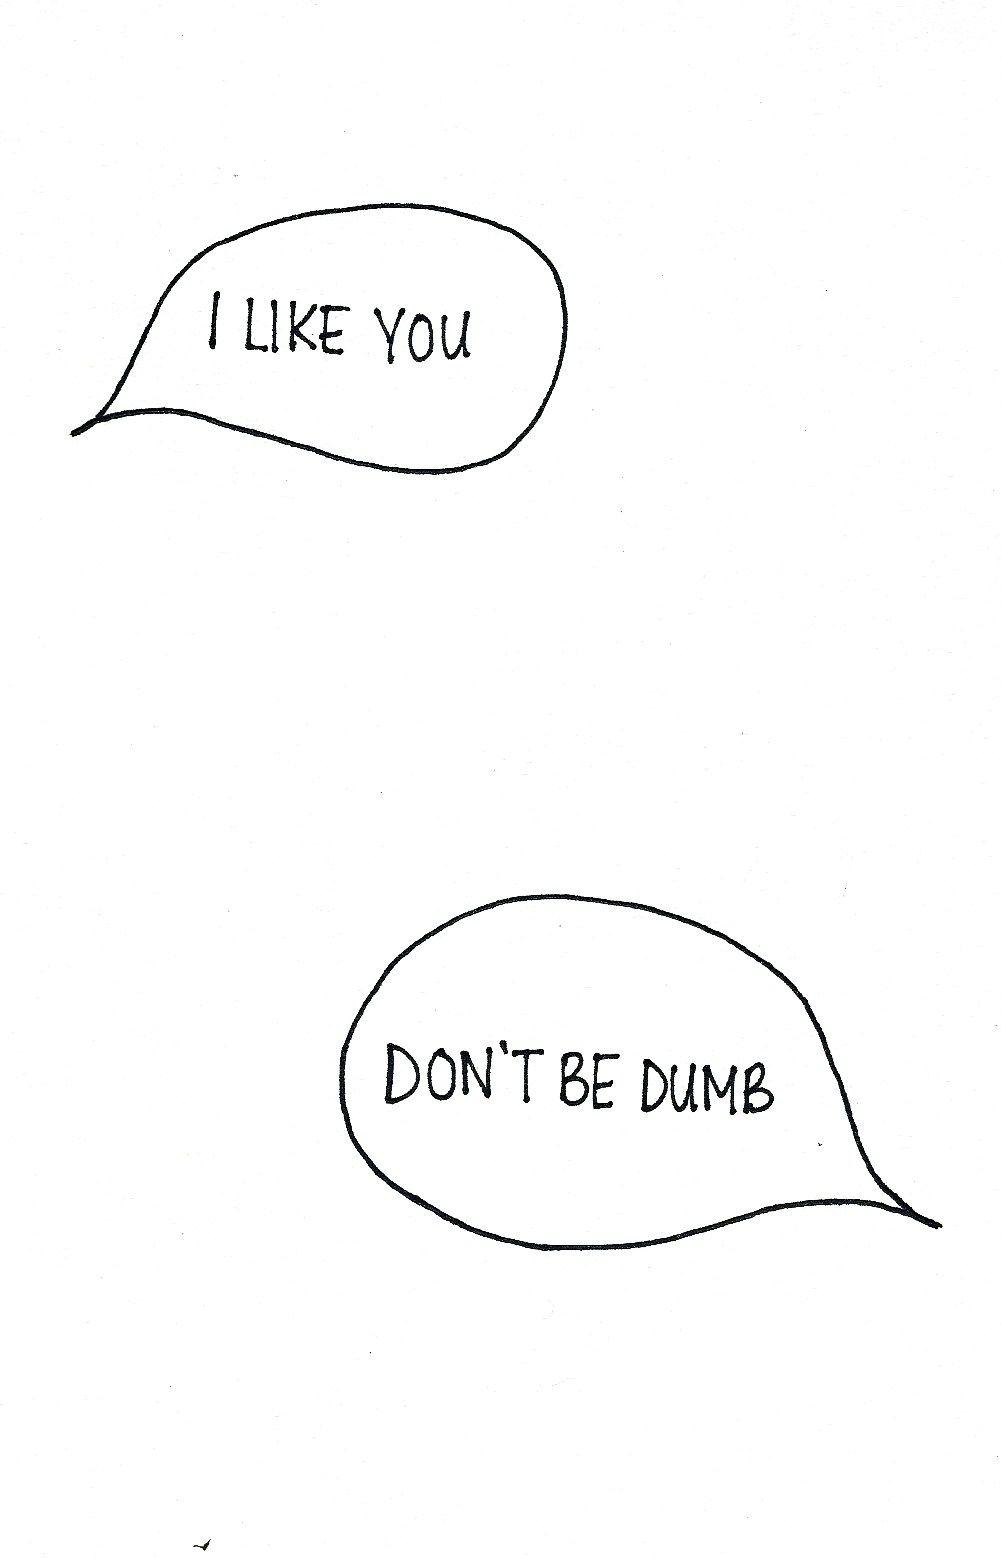 Hvis lide dig Is Dumb, Så Undskyld mig, som jeg Toss Mine bøger-9718